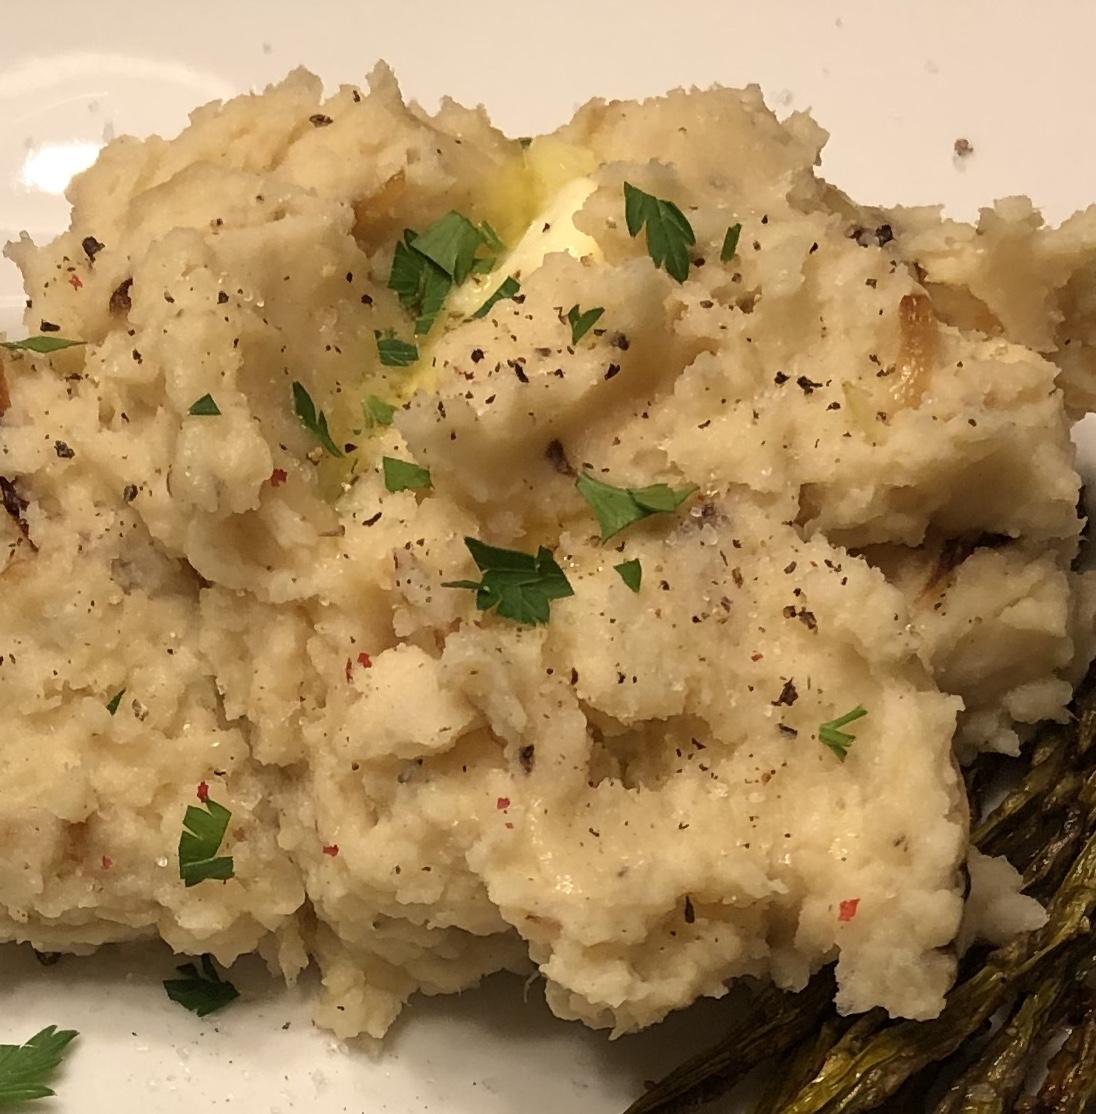 Caramelized Onion and Horseradish Smashed Potatoes JustJen